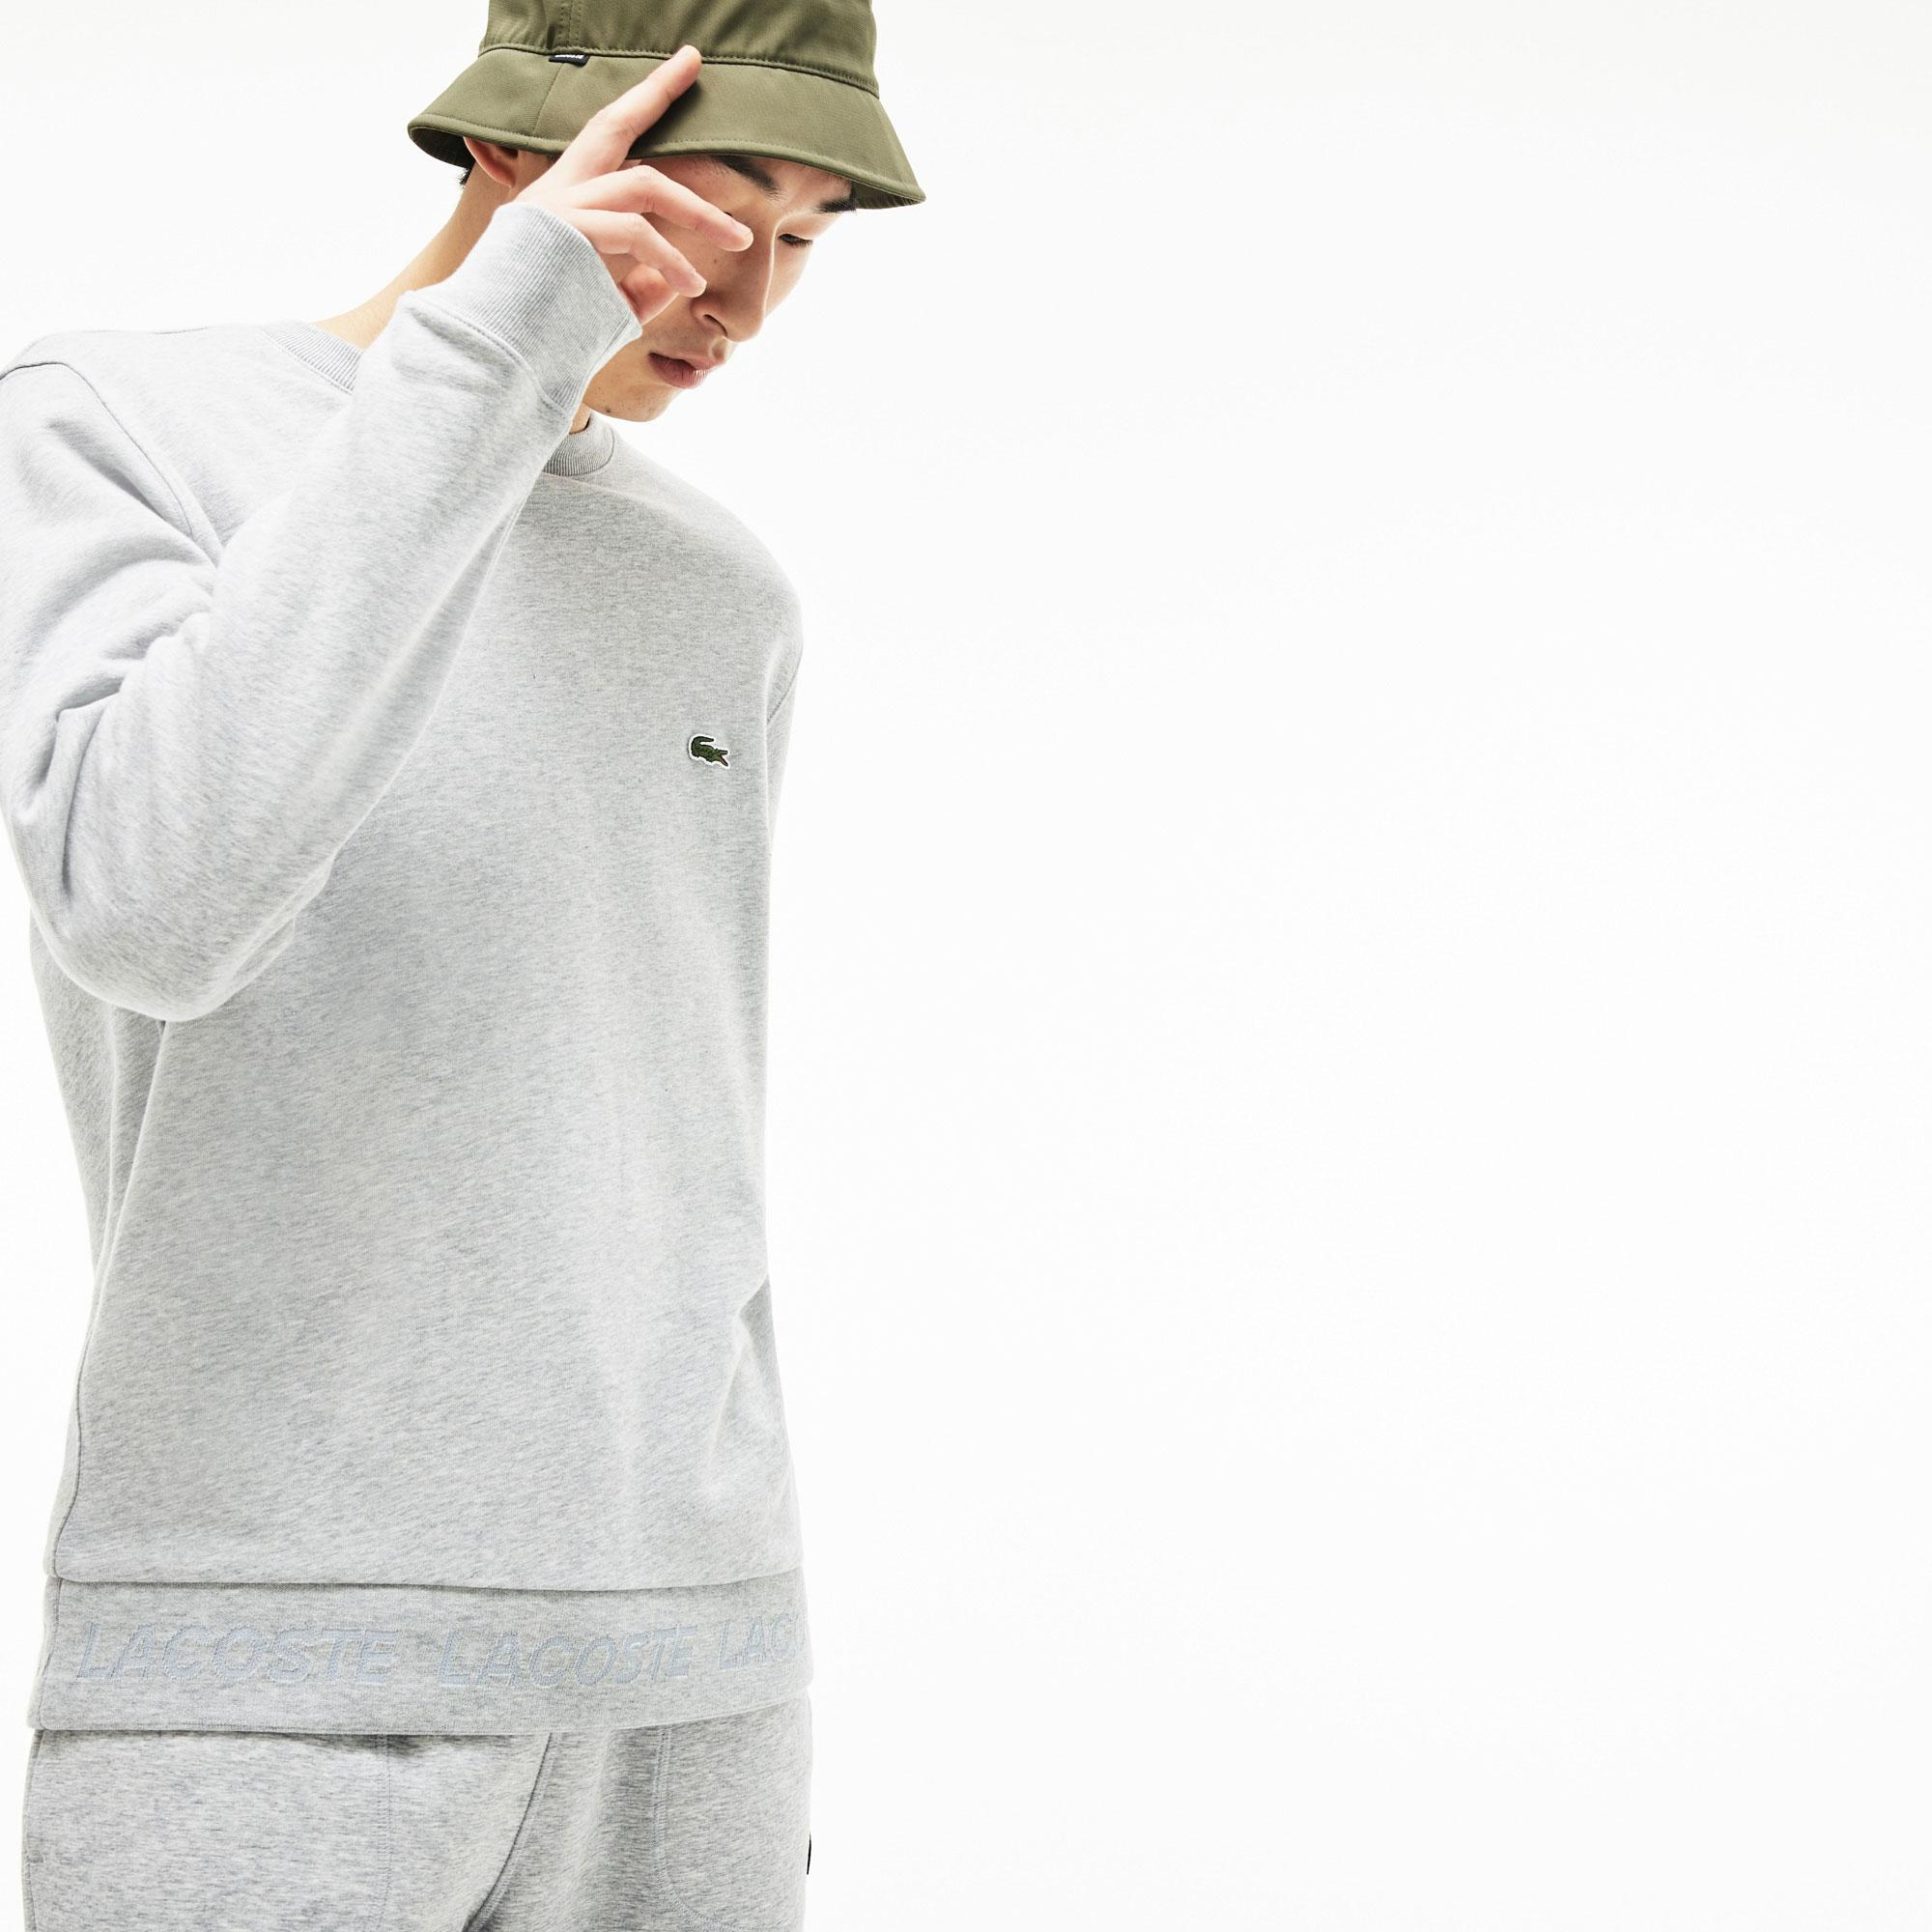 Lacoste Męska Kontrastowa Bluza Z Polaru Z Okrągłym Dekoltem